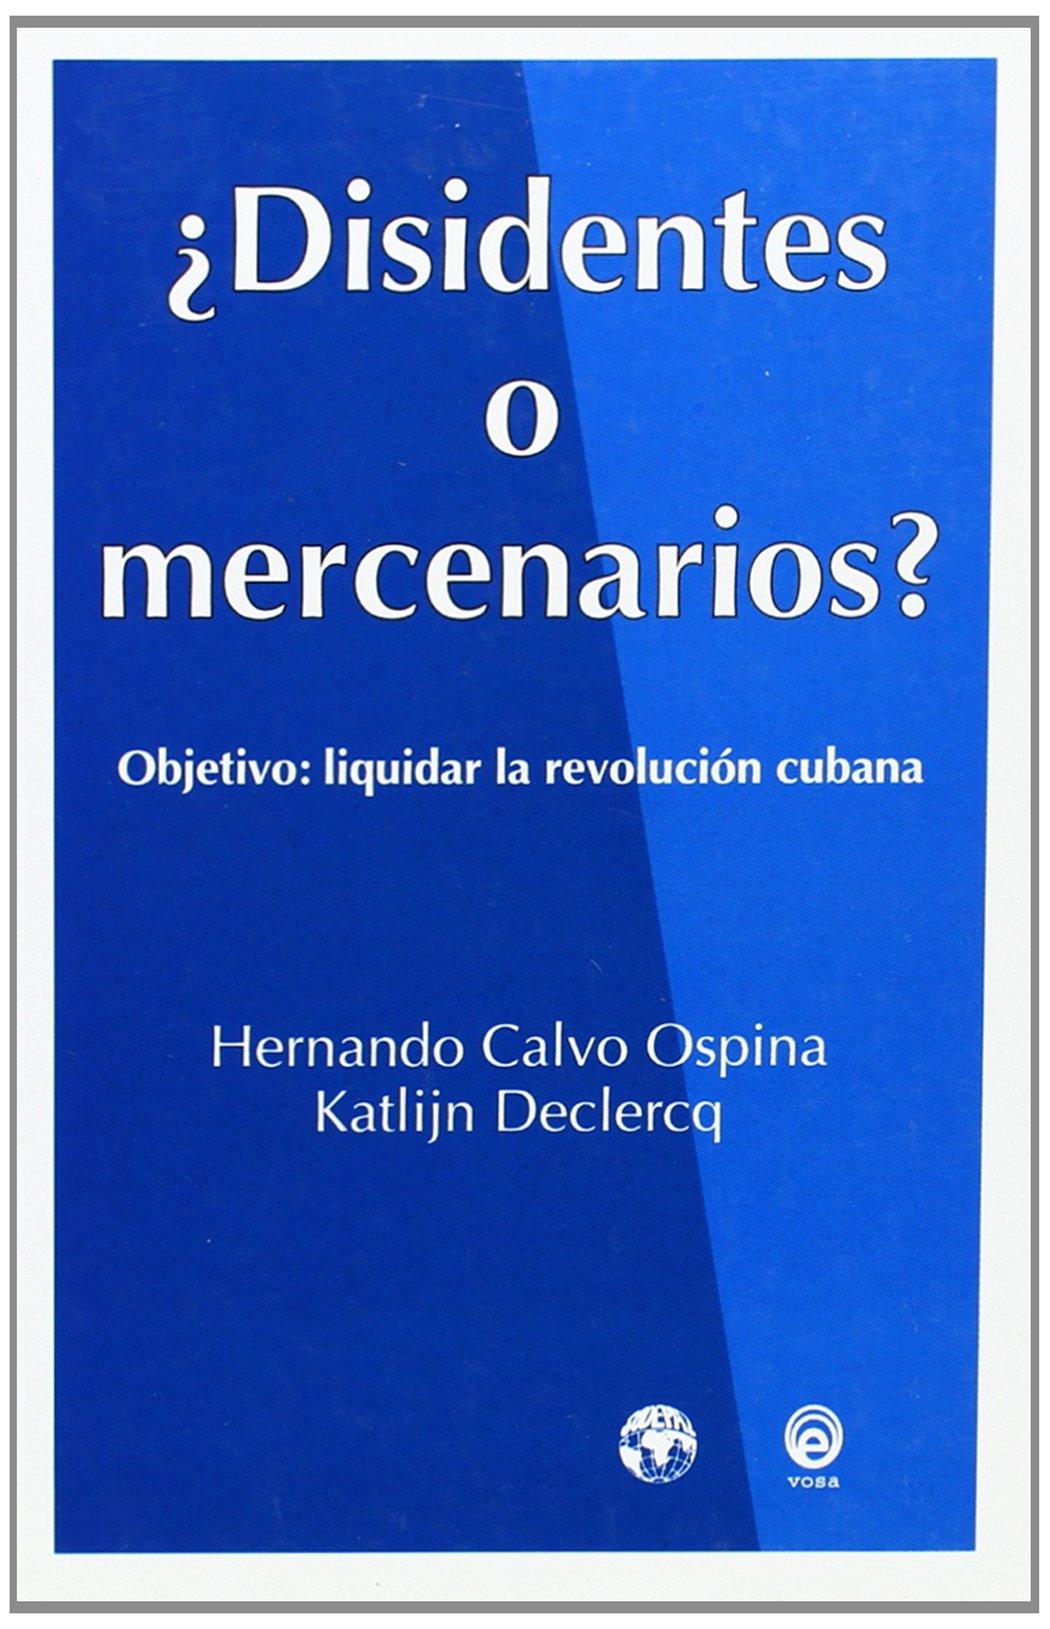 Disidentes o mercenarios?: Objetivo, liquidar la Revolución Cubana (Documentos, sociedad) (Spanish Edition) (Spanish) Paperback – 1998